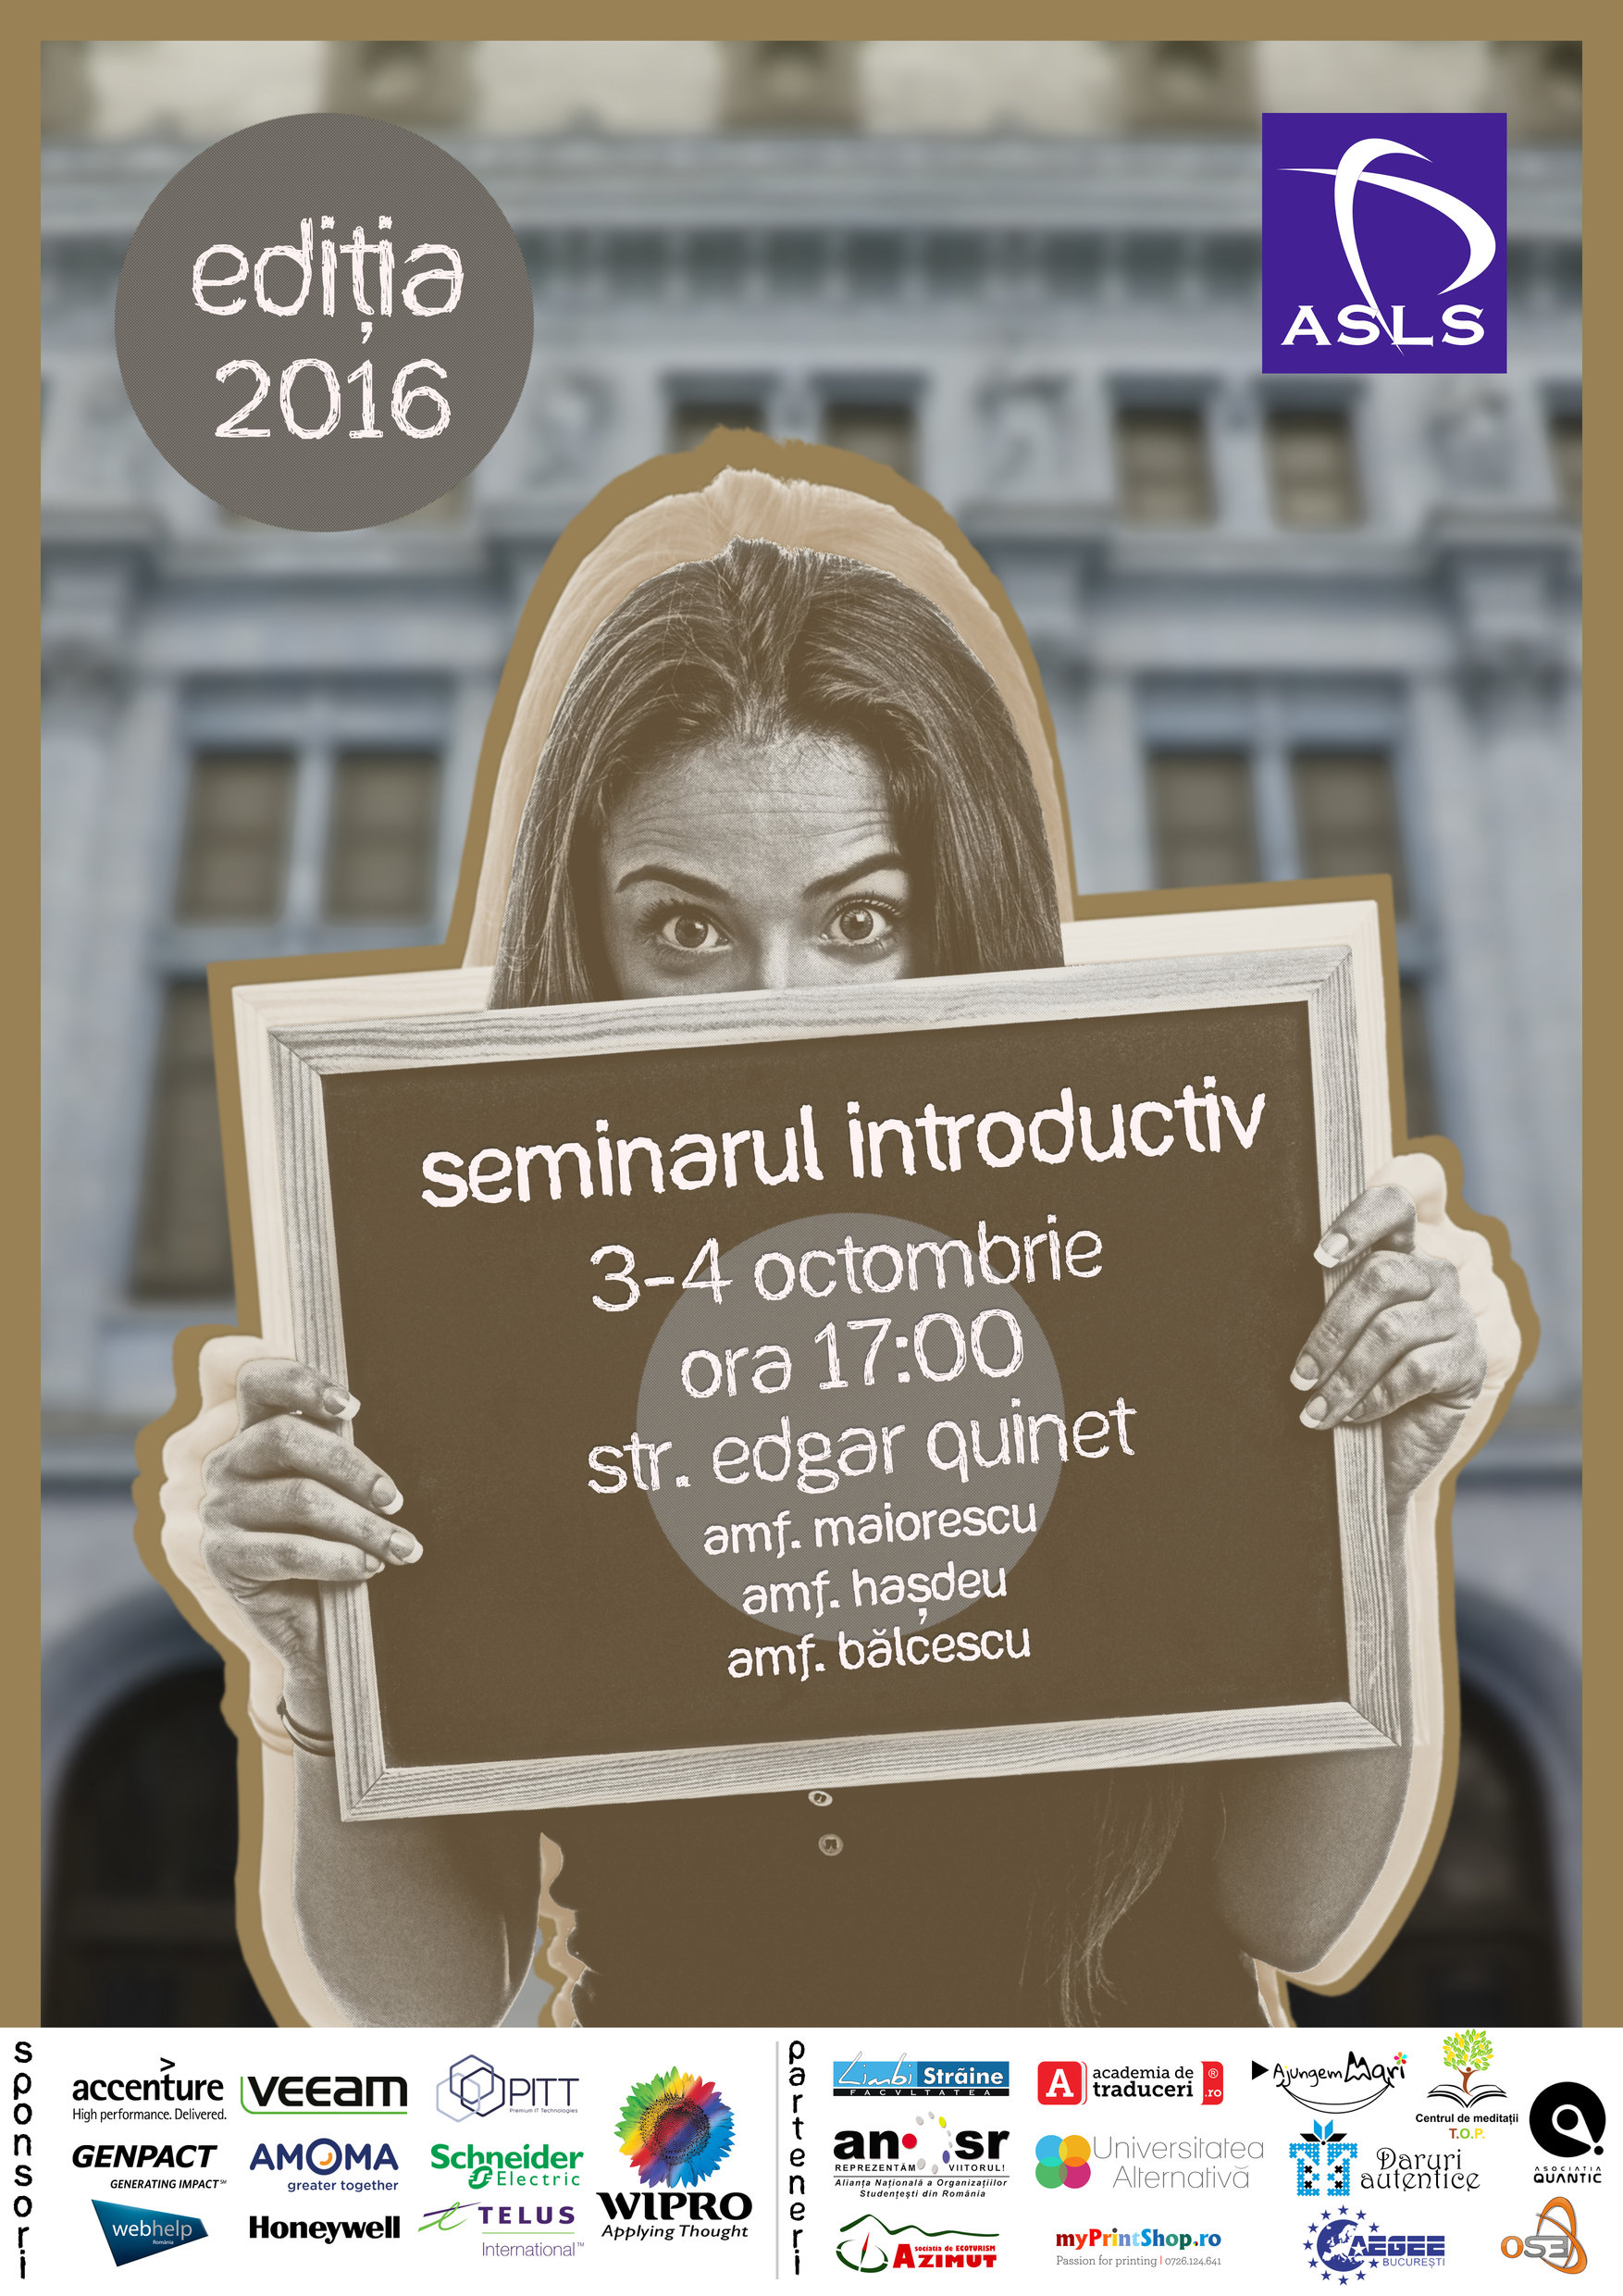 rsz_seminar-introductiv-2016-afis-web_2